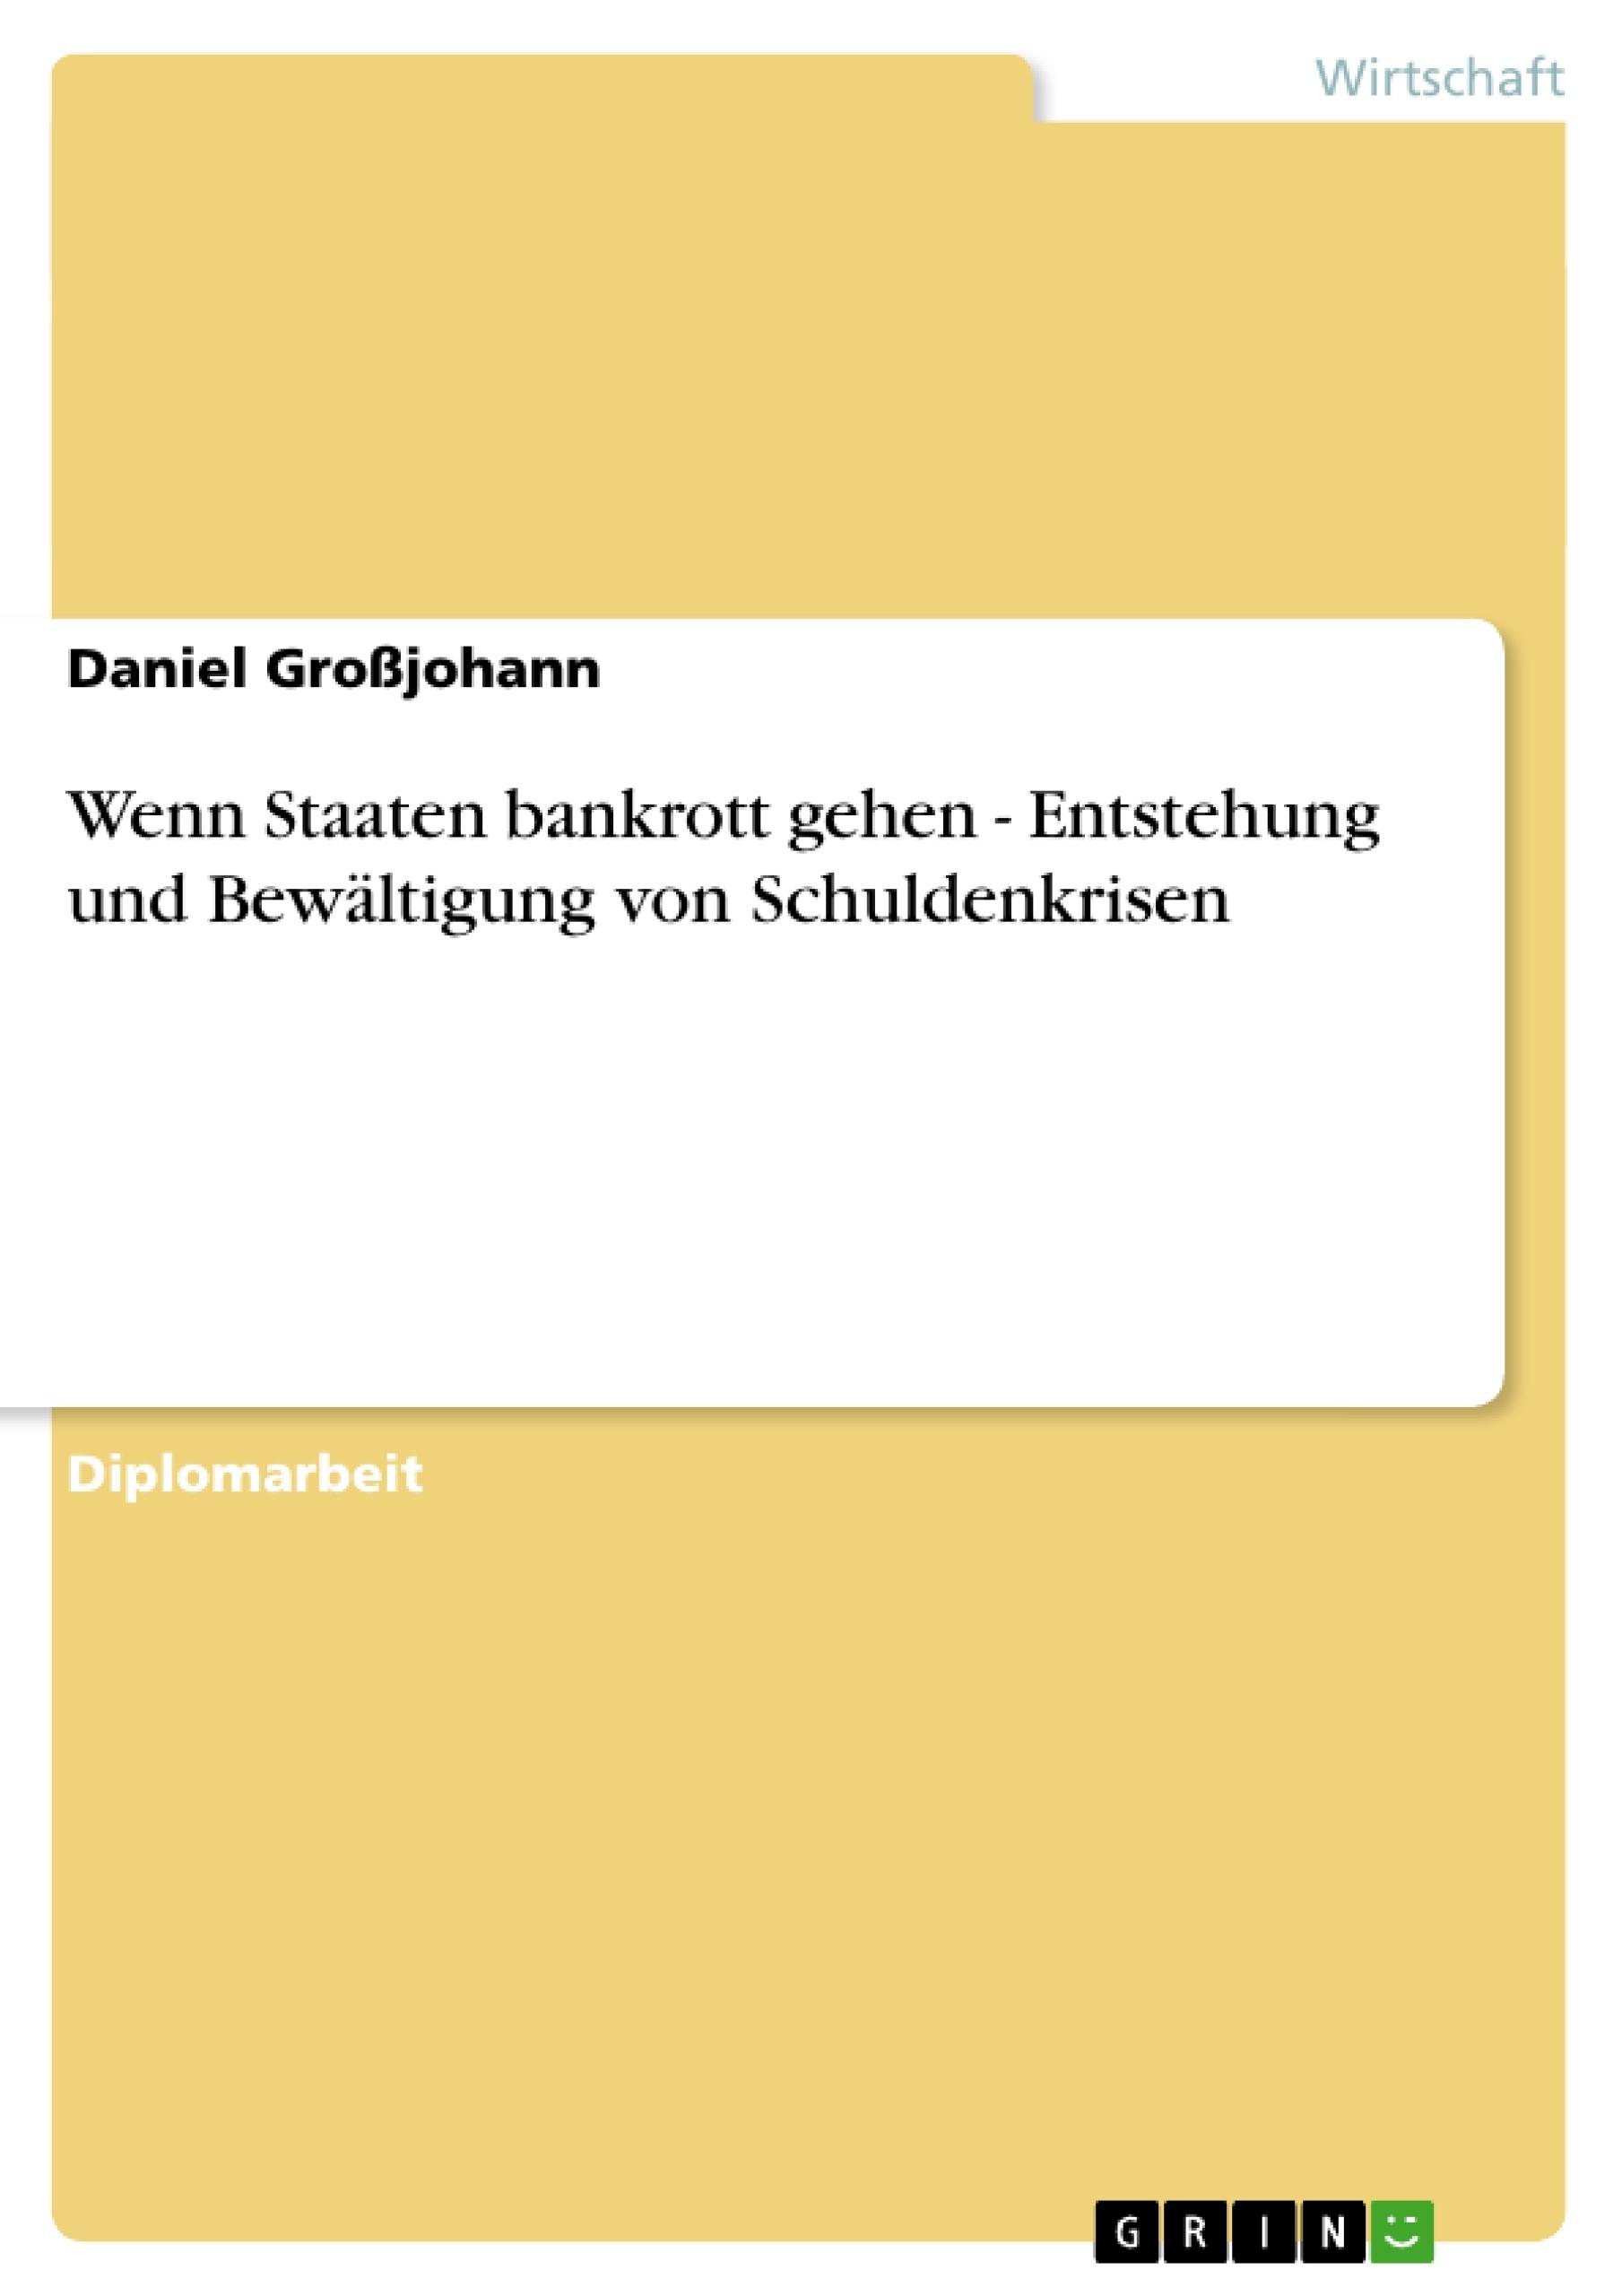 Titel: Wenn Staaten bankrott gehen - Entstehung und Bewältigung von Schuldenkrisen